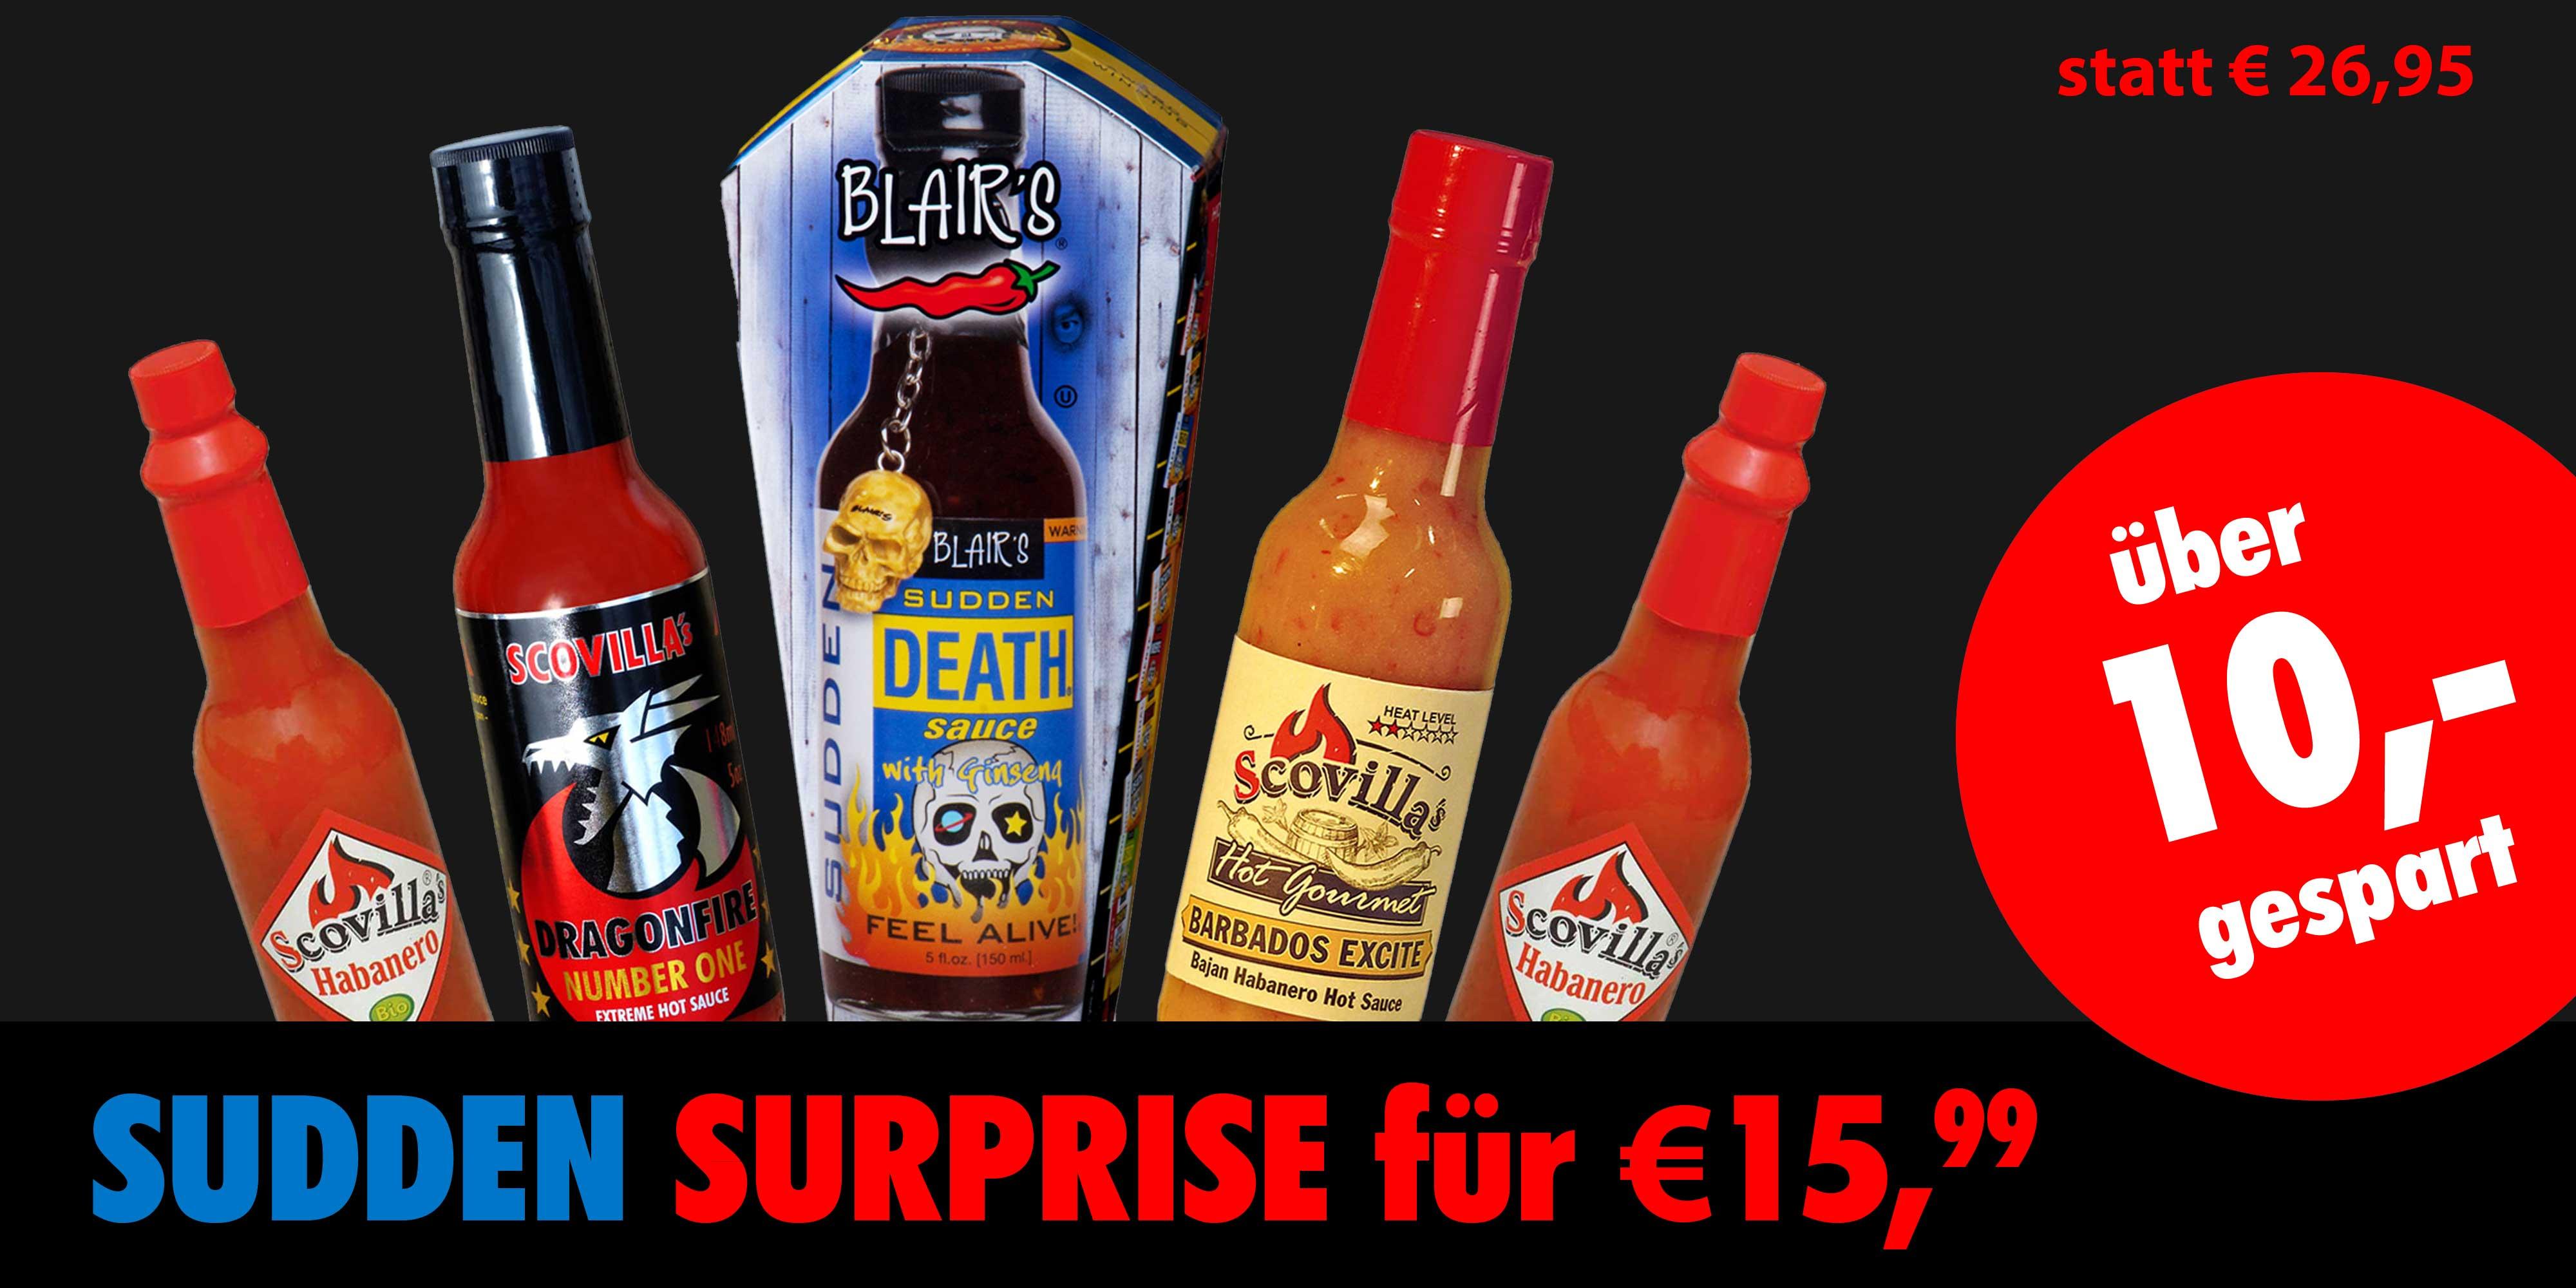 [scovilla.com] Sudden Suprise Set mit der beliebten Blairs Sudden Death - 5 Hot Sauces für 15,99 € + 3,90 Versand (statt 26,95 €)